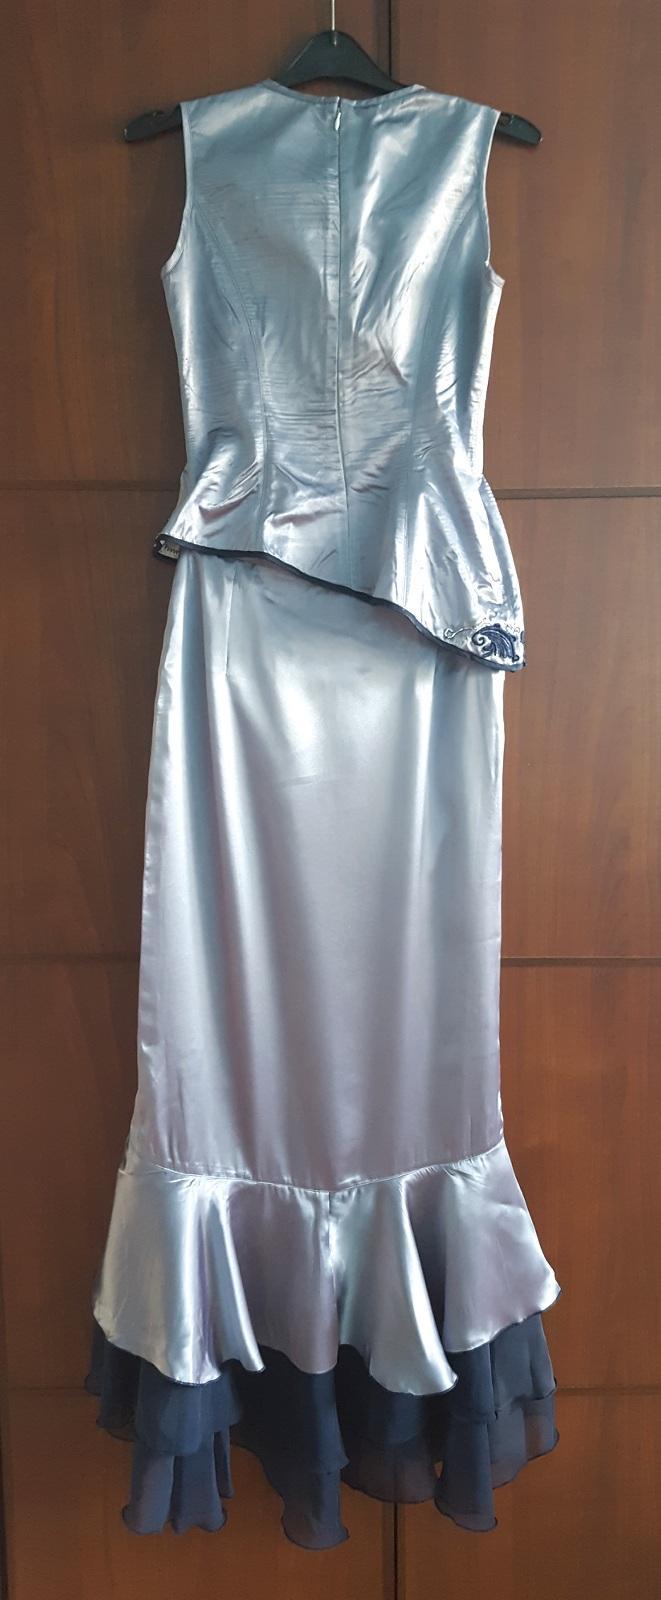 Plesové šaty ručně vyšívané dle japonského stylu - Obrázek č. 2